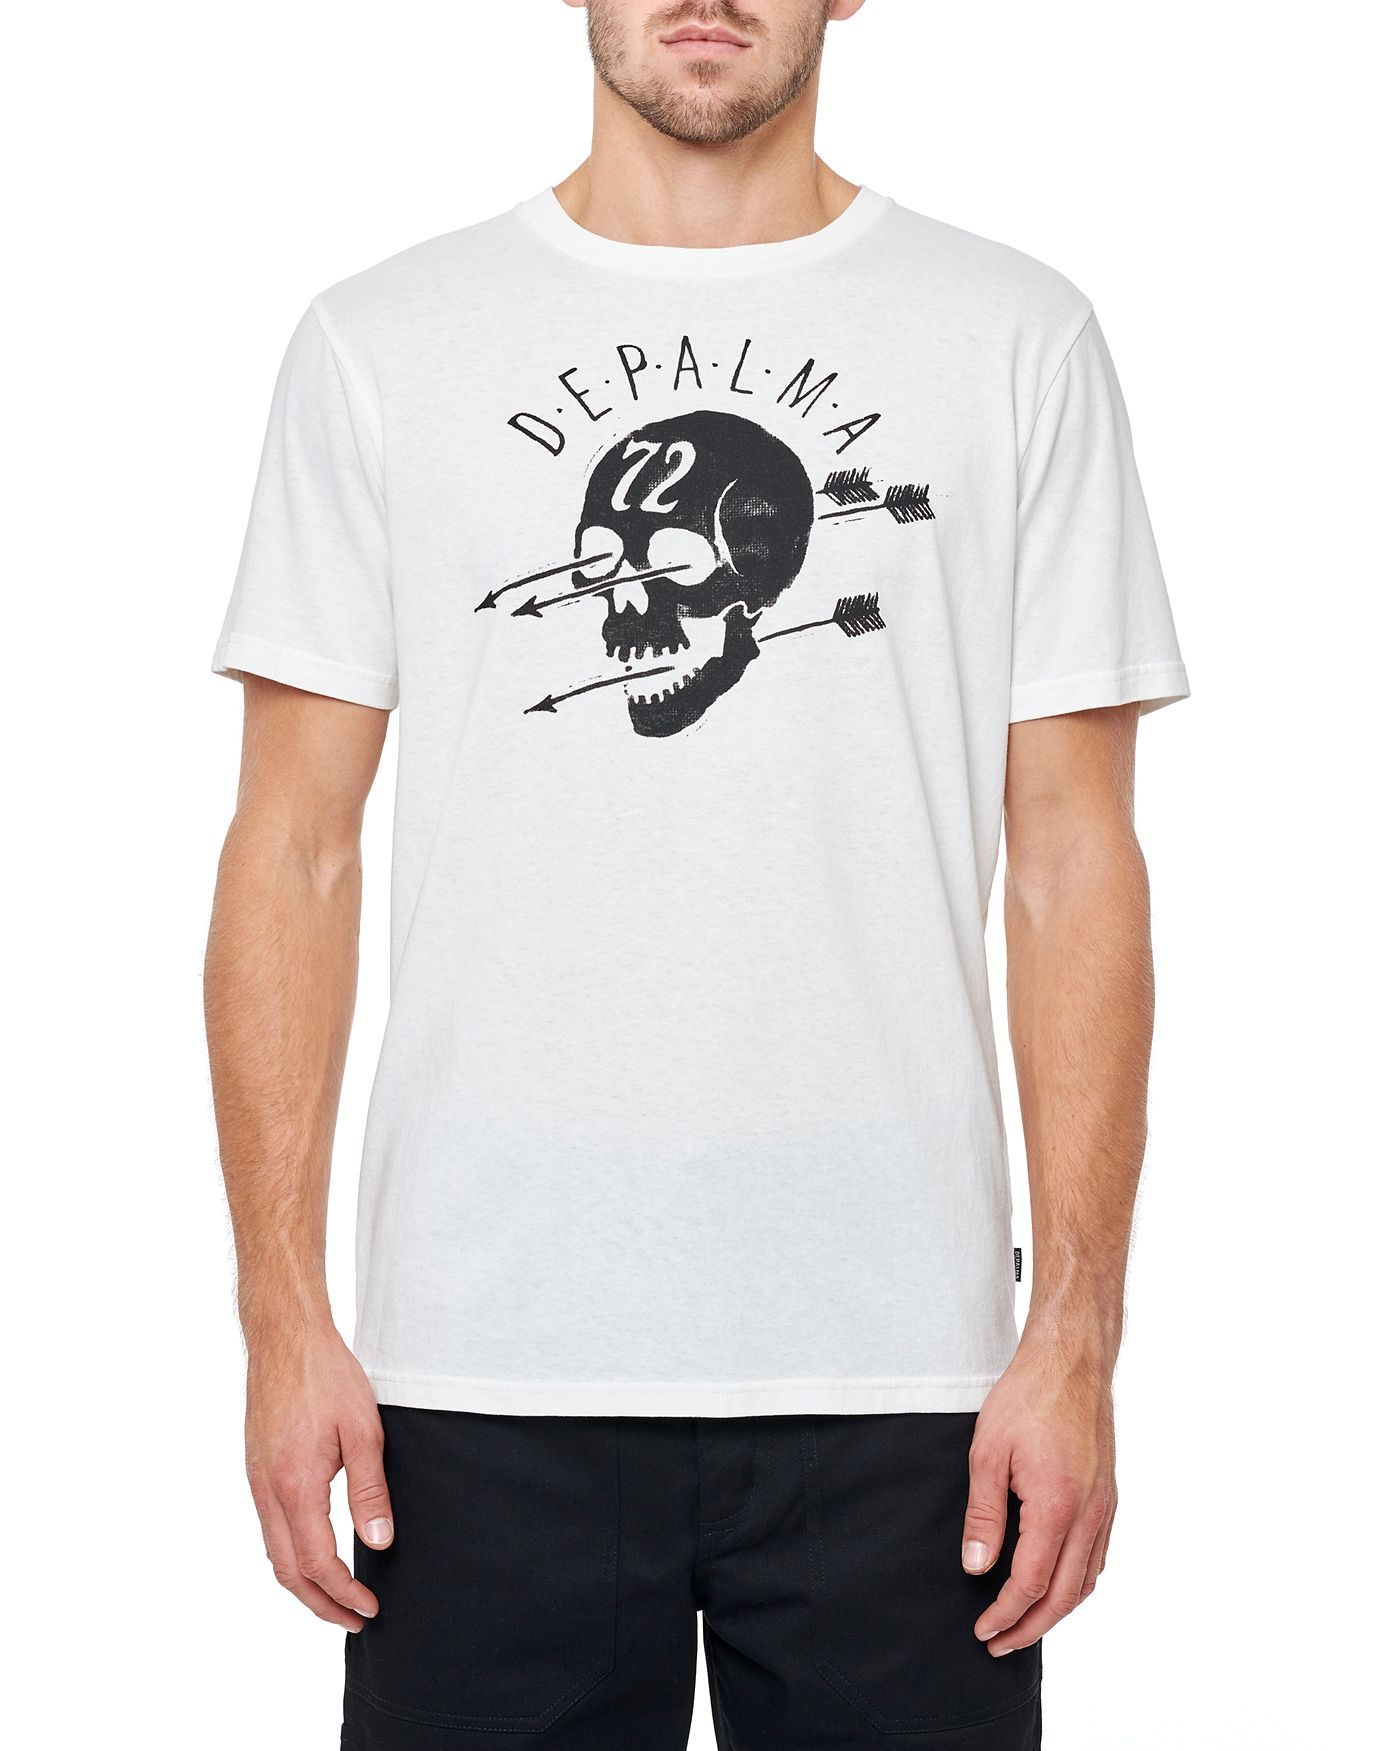 Photo of Skull & Arrows S/S T-shirt, White